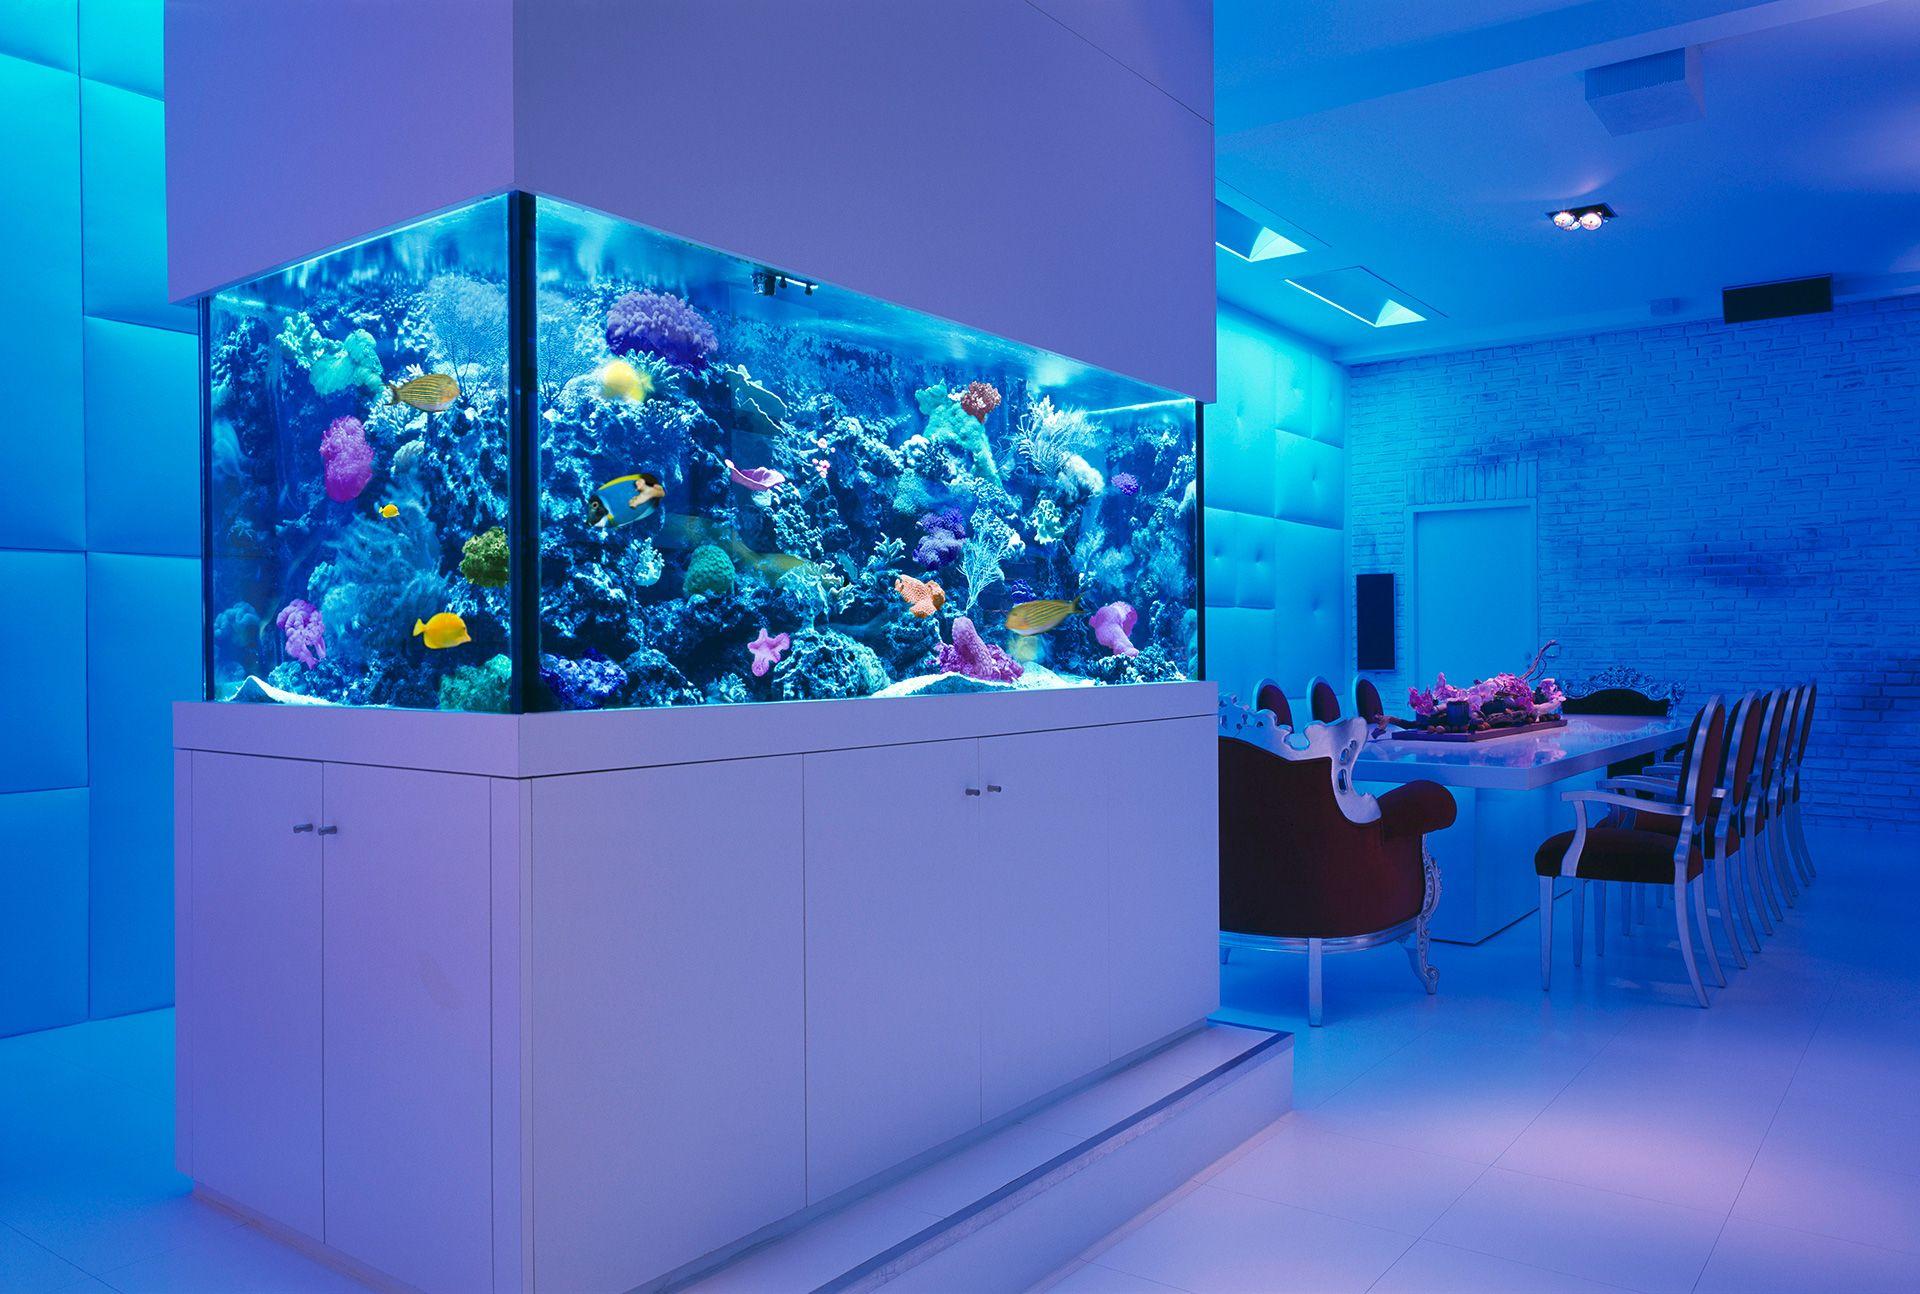 Fish aquarium quotes - Aquarium Ideen Quotes Images About Fish Tanks And Aquariums On